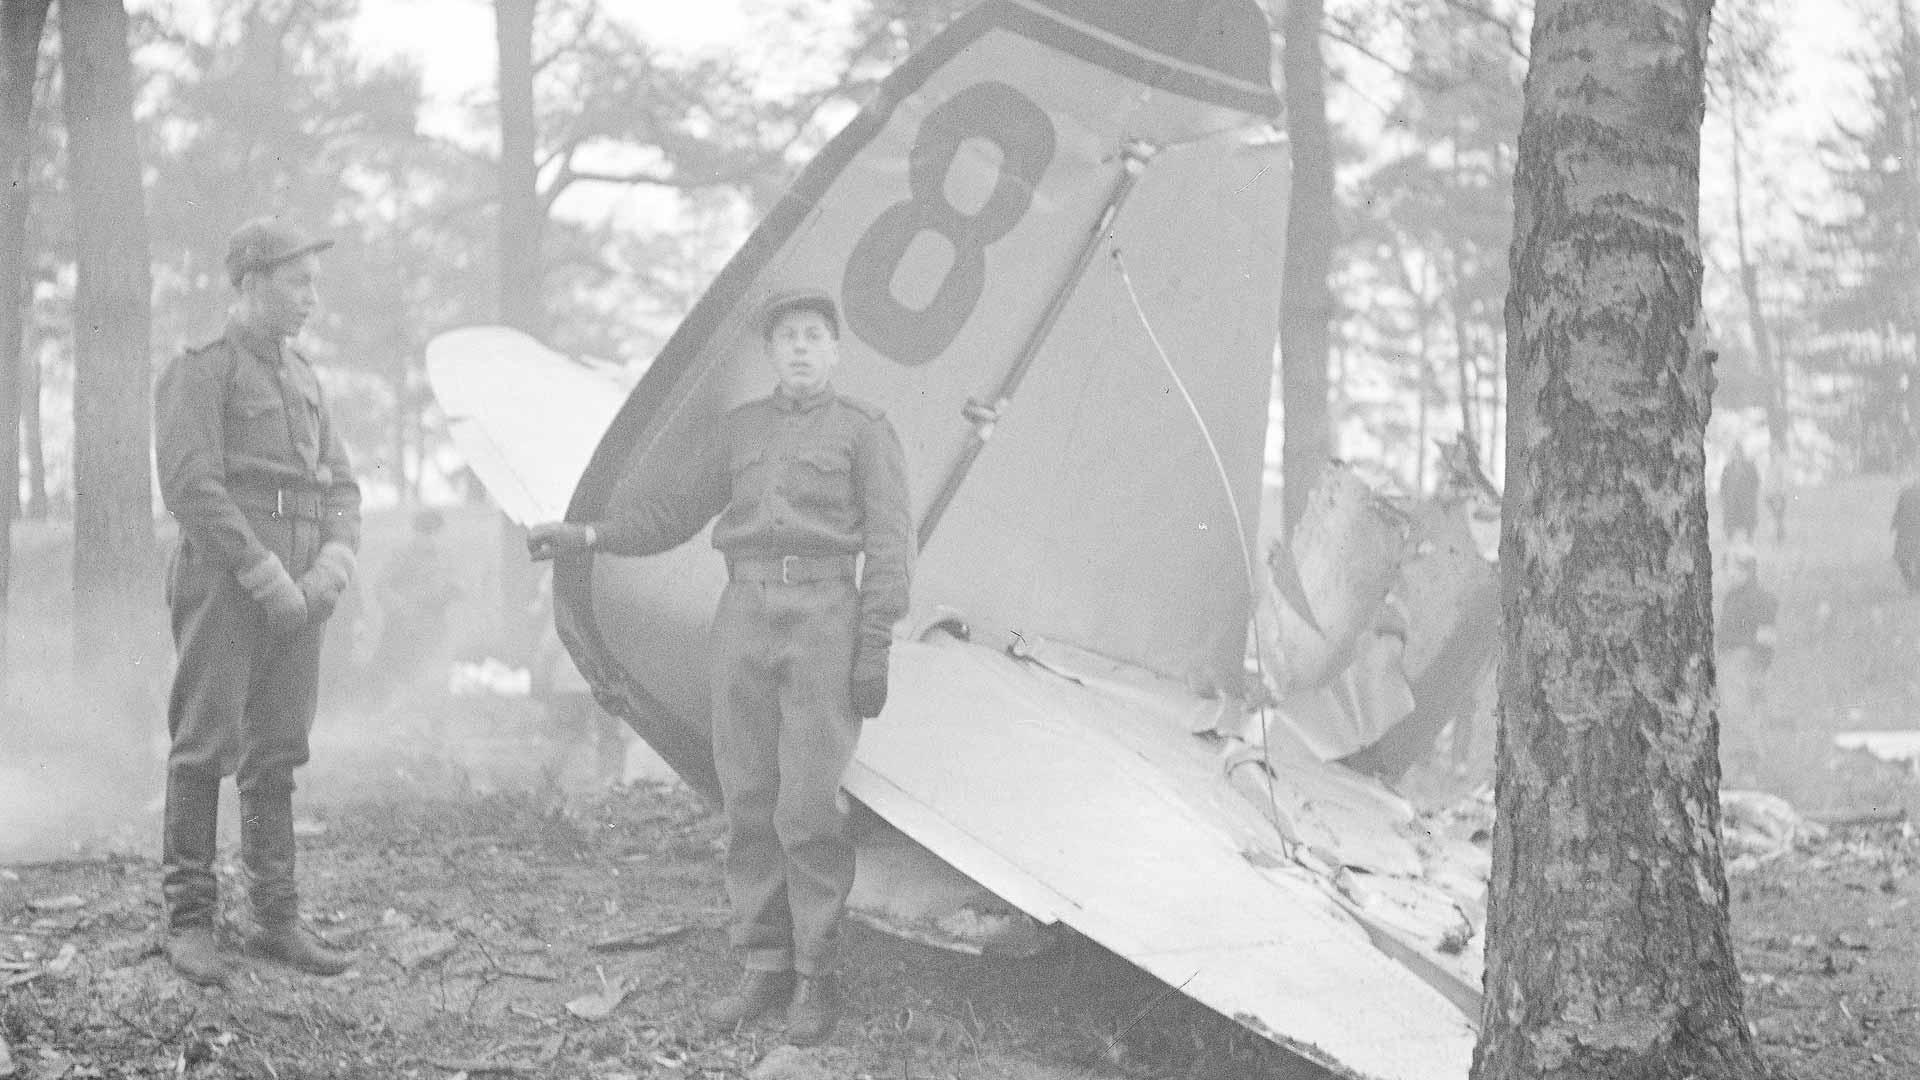 Helsinkiä pommitettiin uudelleen heti joulukuun 1. päivänä, jolloin muutamat SB-koneet tulittivat lisäksi konekivääreillä avoimille paikoille kokoontuneita ihmisiä. Paavalin kirkon luona sai surmansa kuusi helsinkiläistä. Ilmatorjunta osui yhteen koneeseen, joka syöksyi Munkkiniemeen, räjähti ja syttyi tuleen. Ehjänä säilyi vain koneen korkeusperäsin.